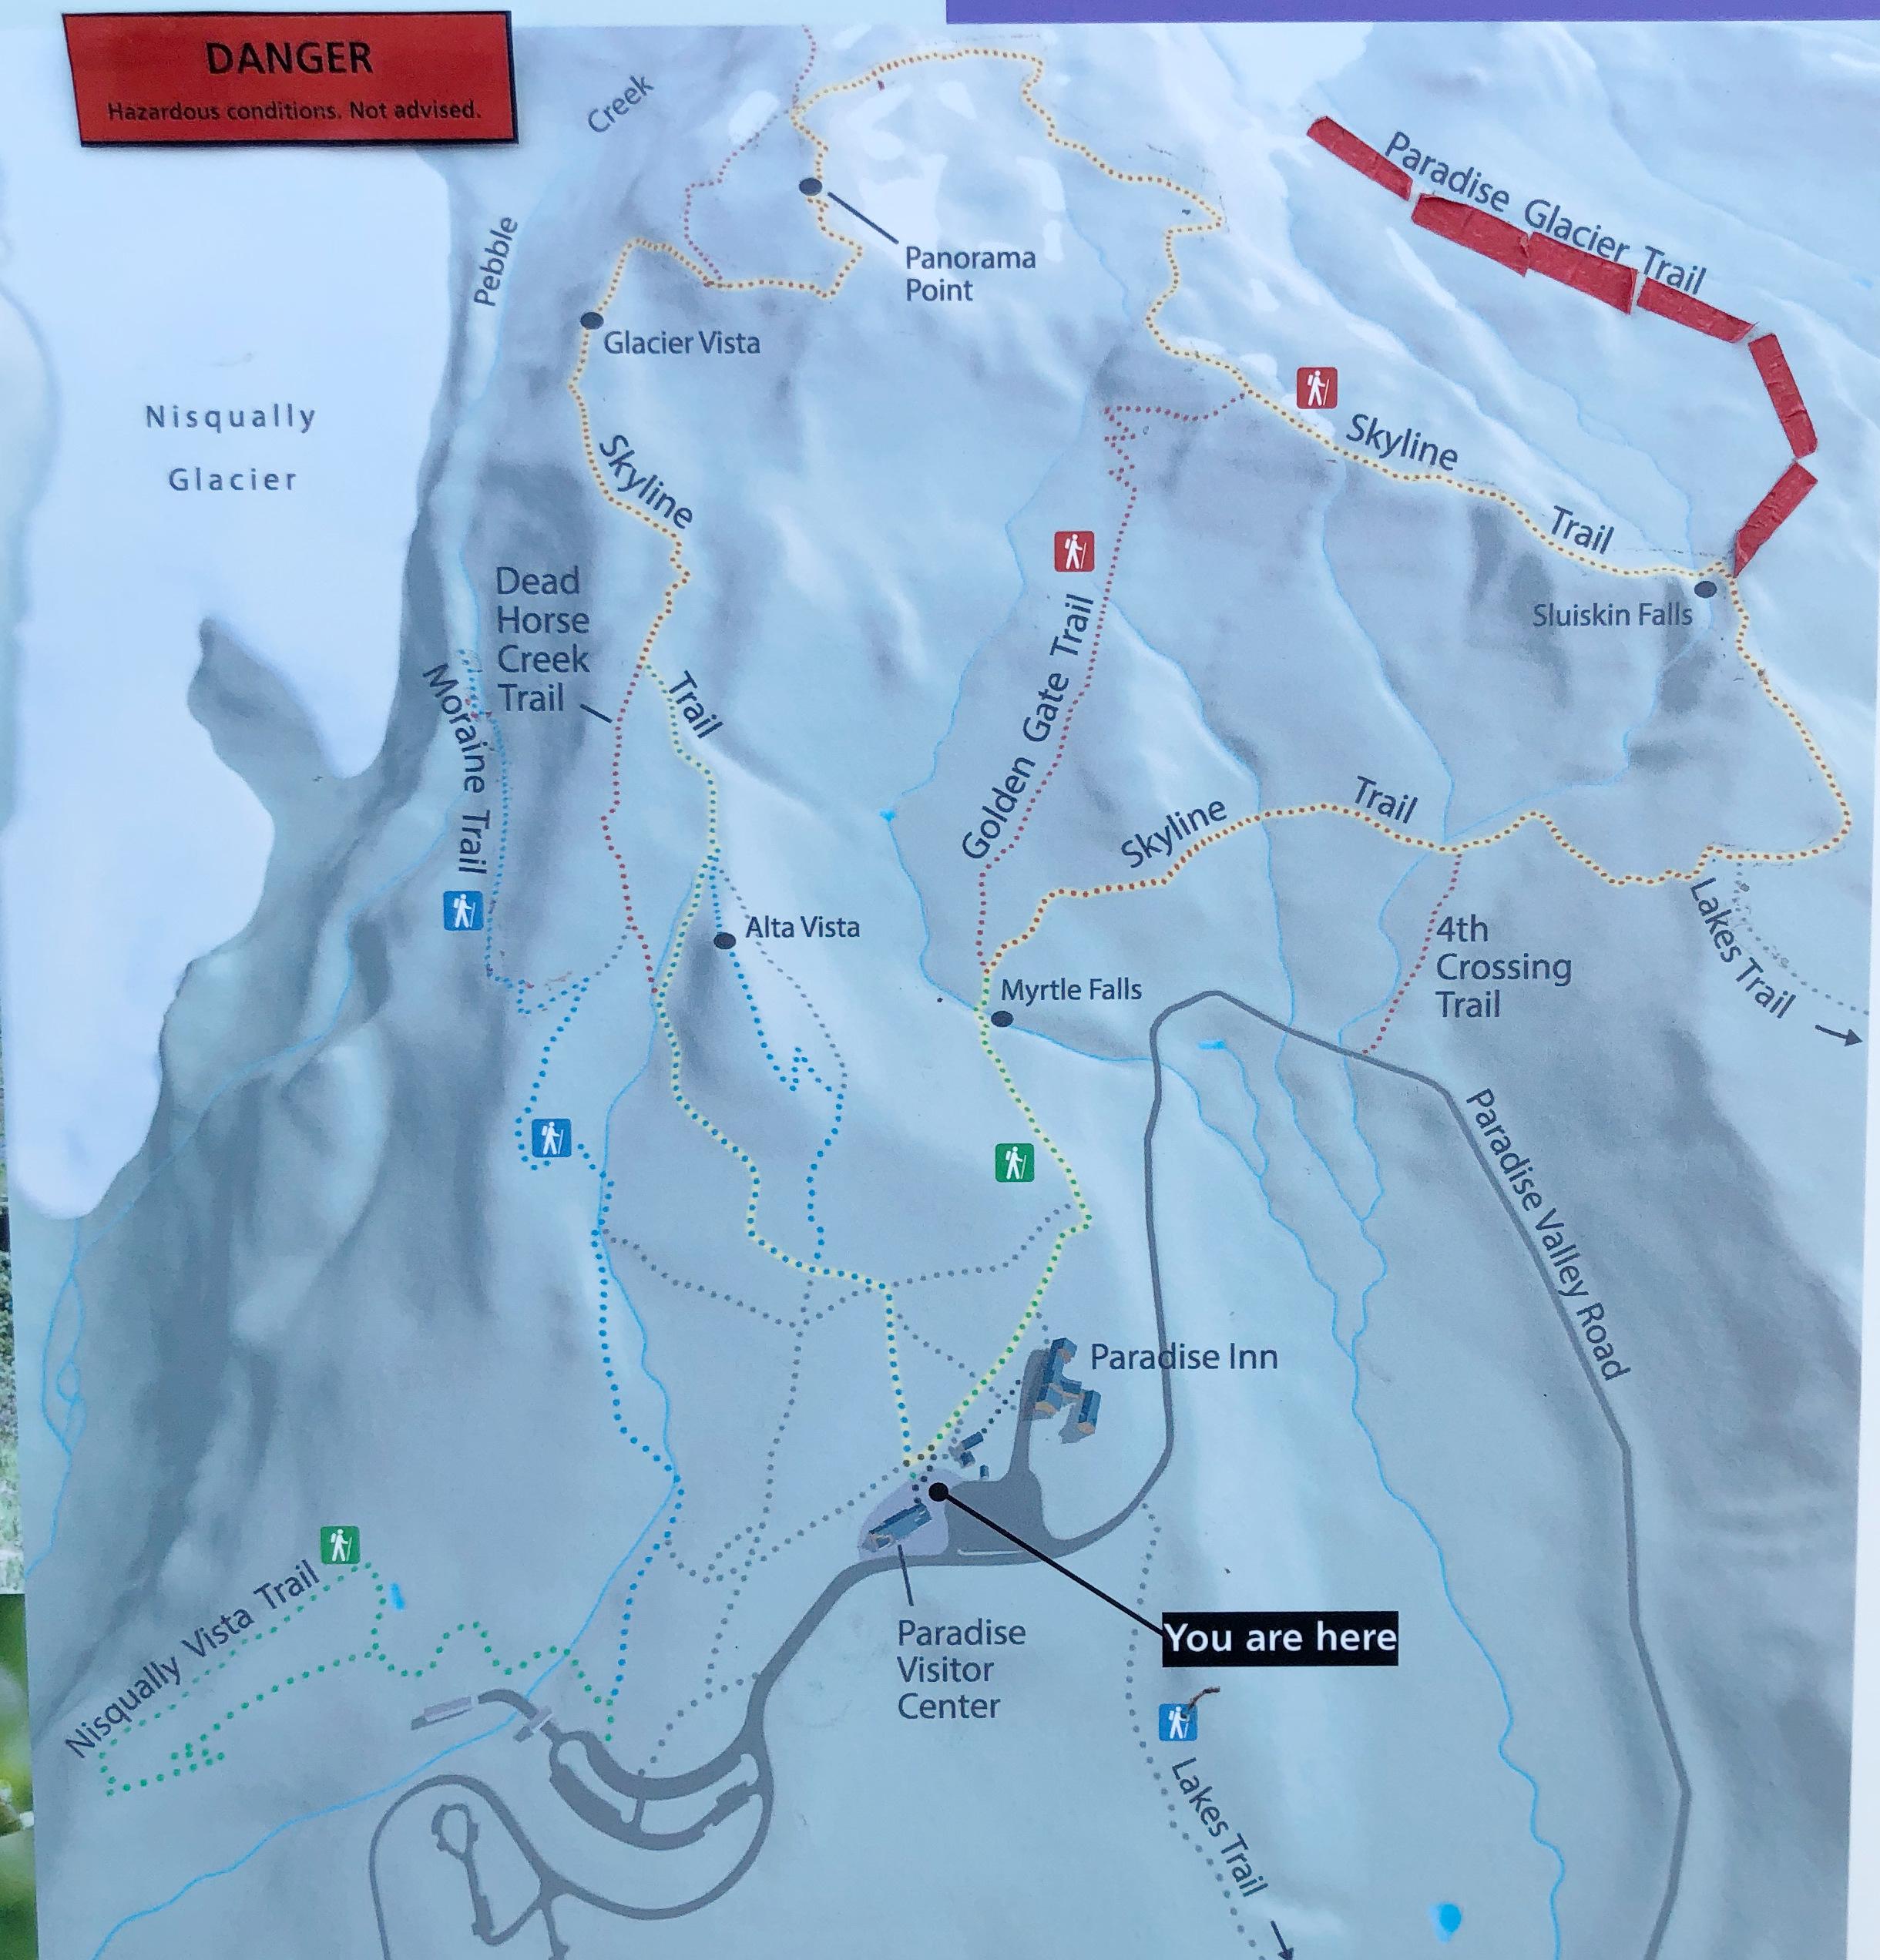 skyline trail loop map